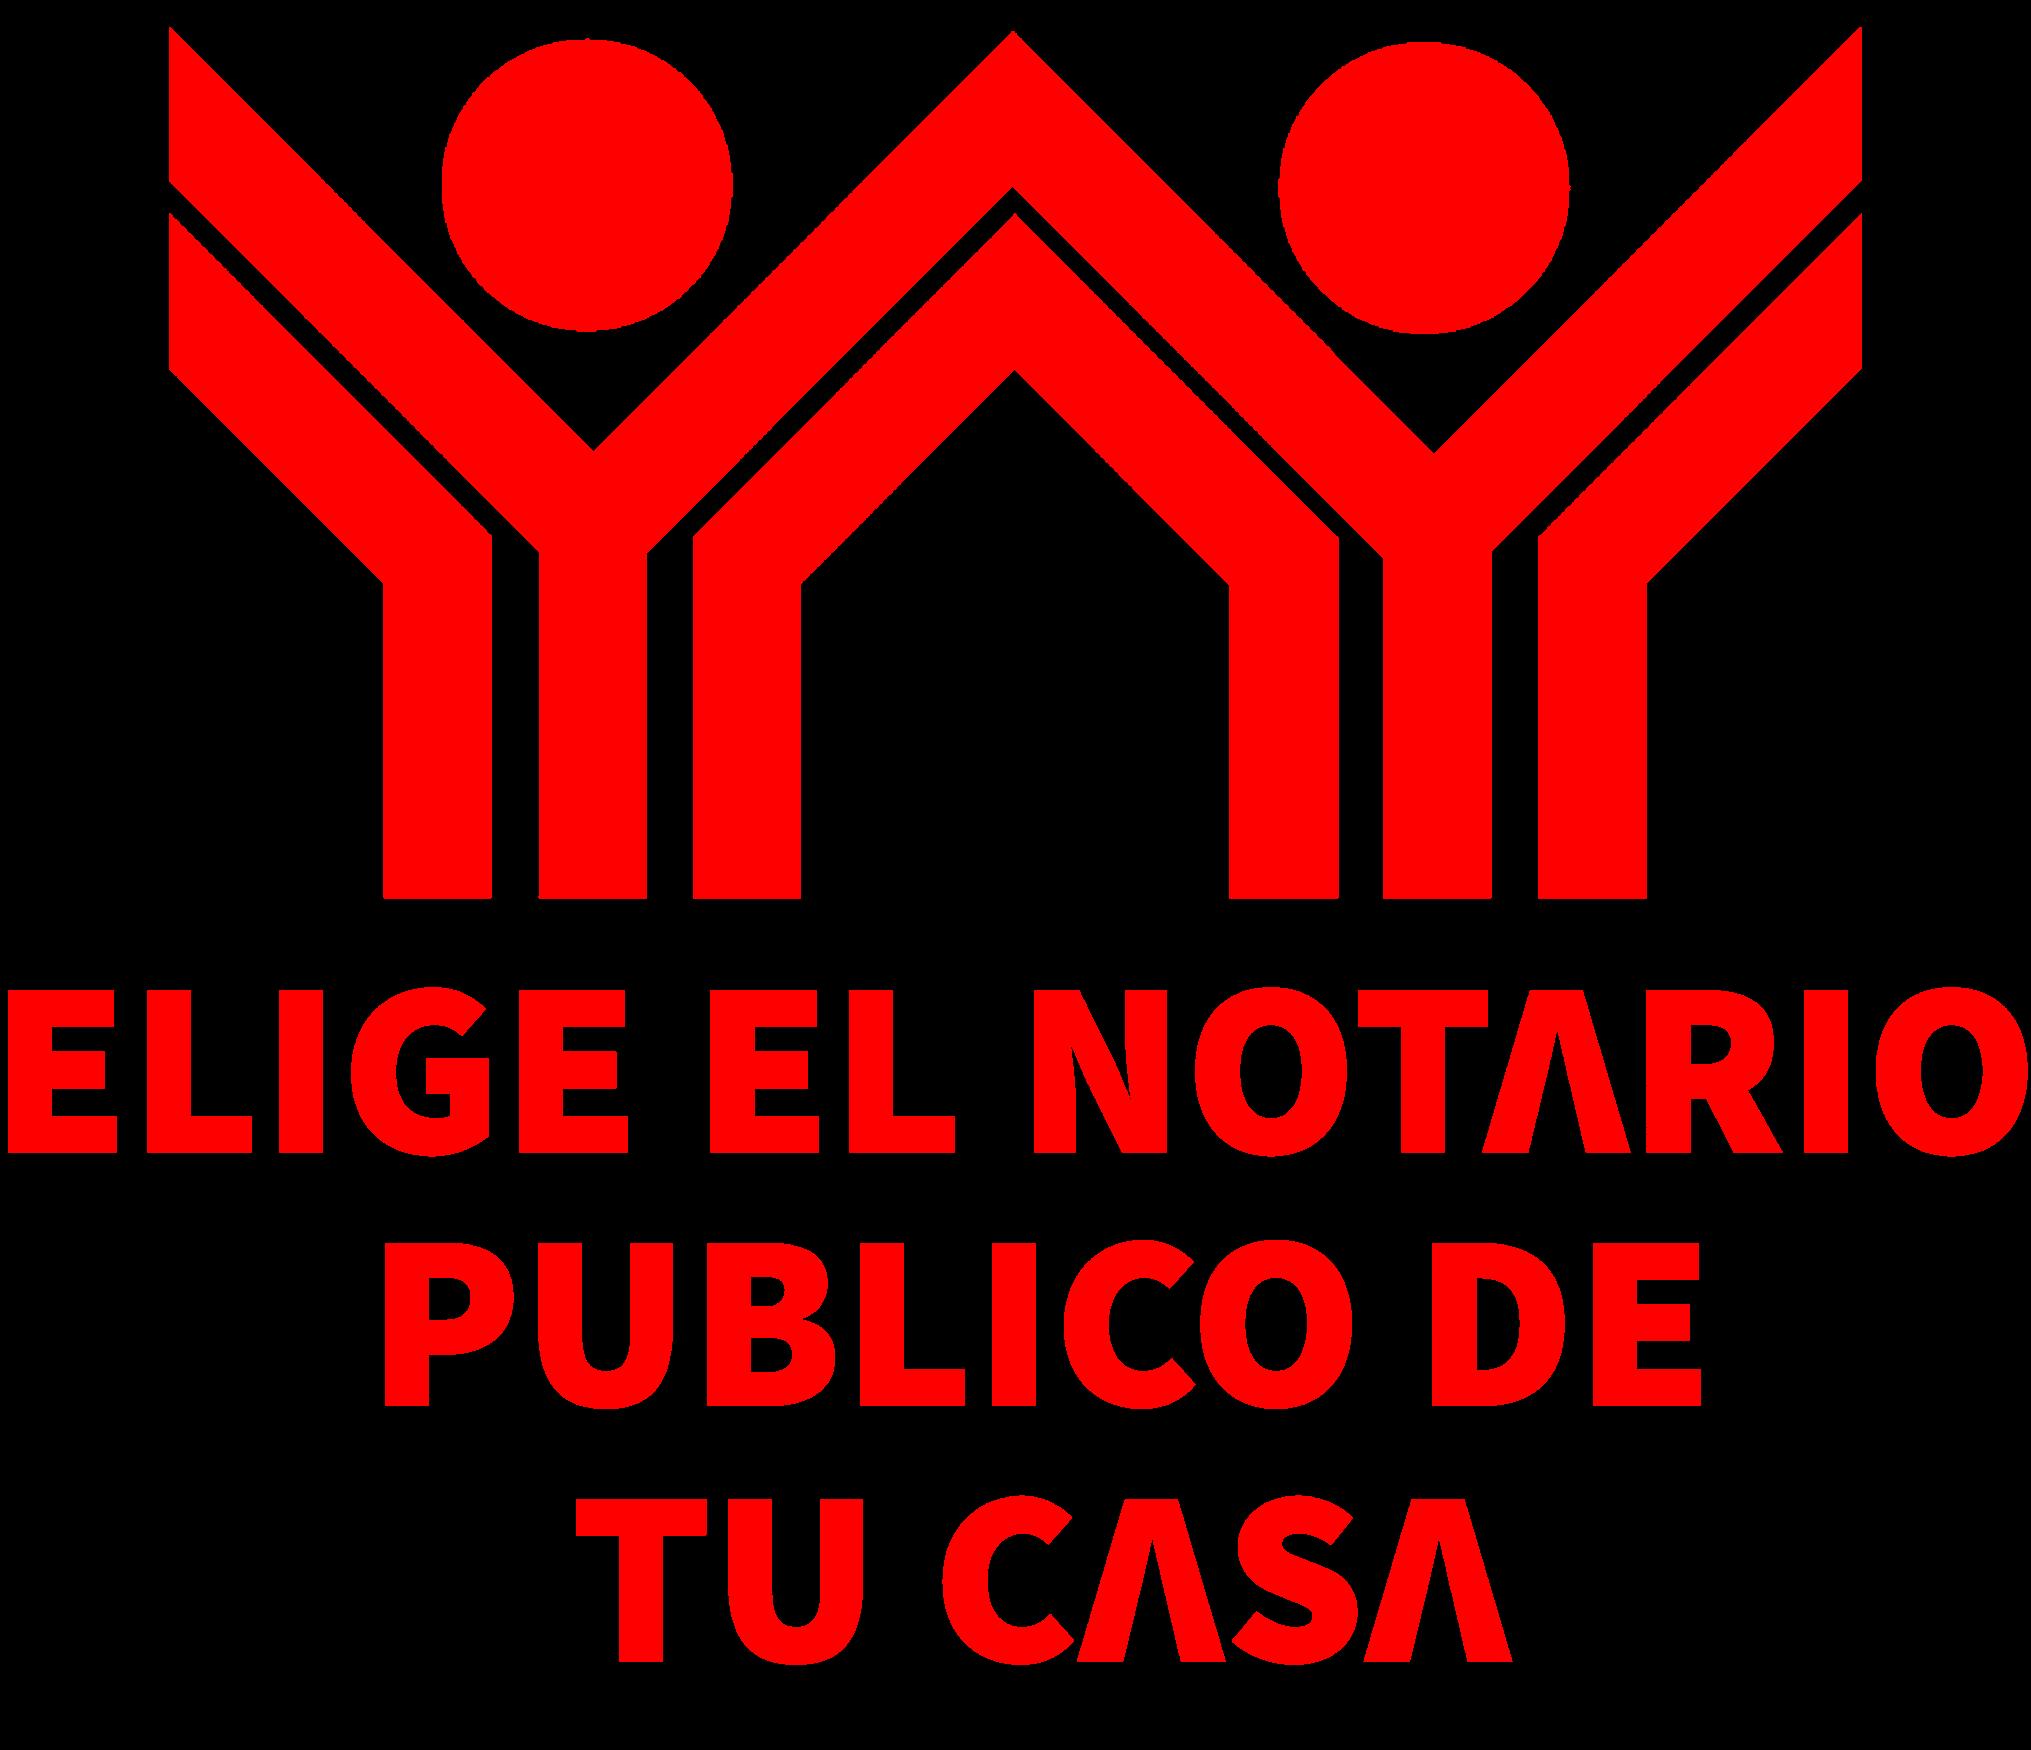 INFONAVIT NOTARIO PUBLICO